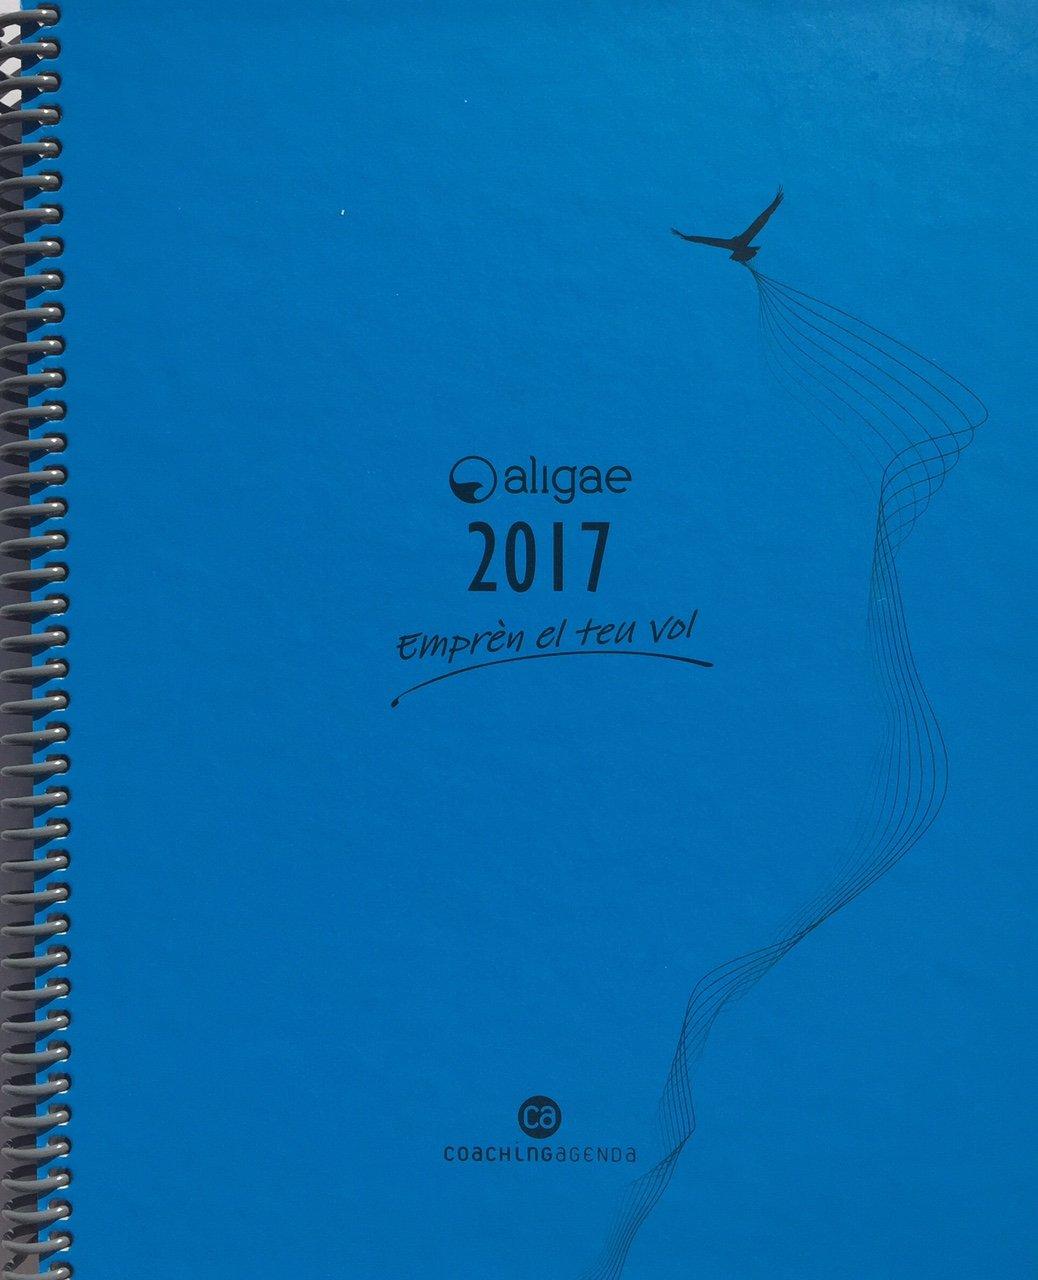 CA CoachingAgenda , ALIGAE 2017 Agenda anual , Català ...